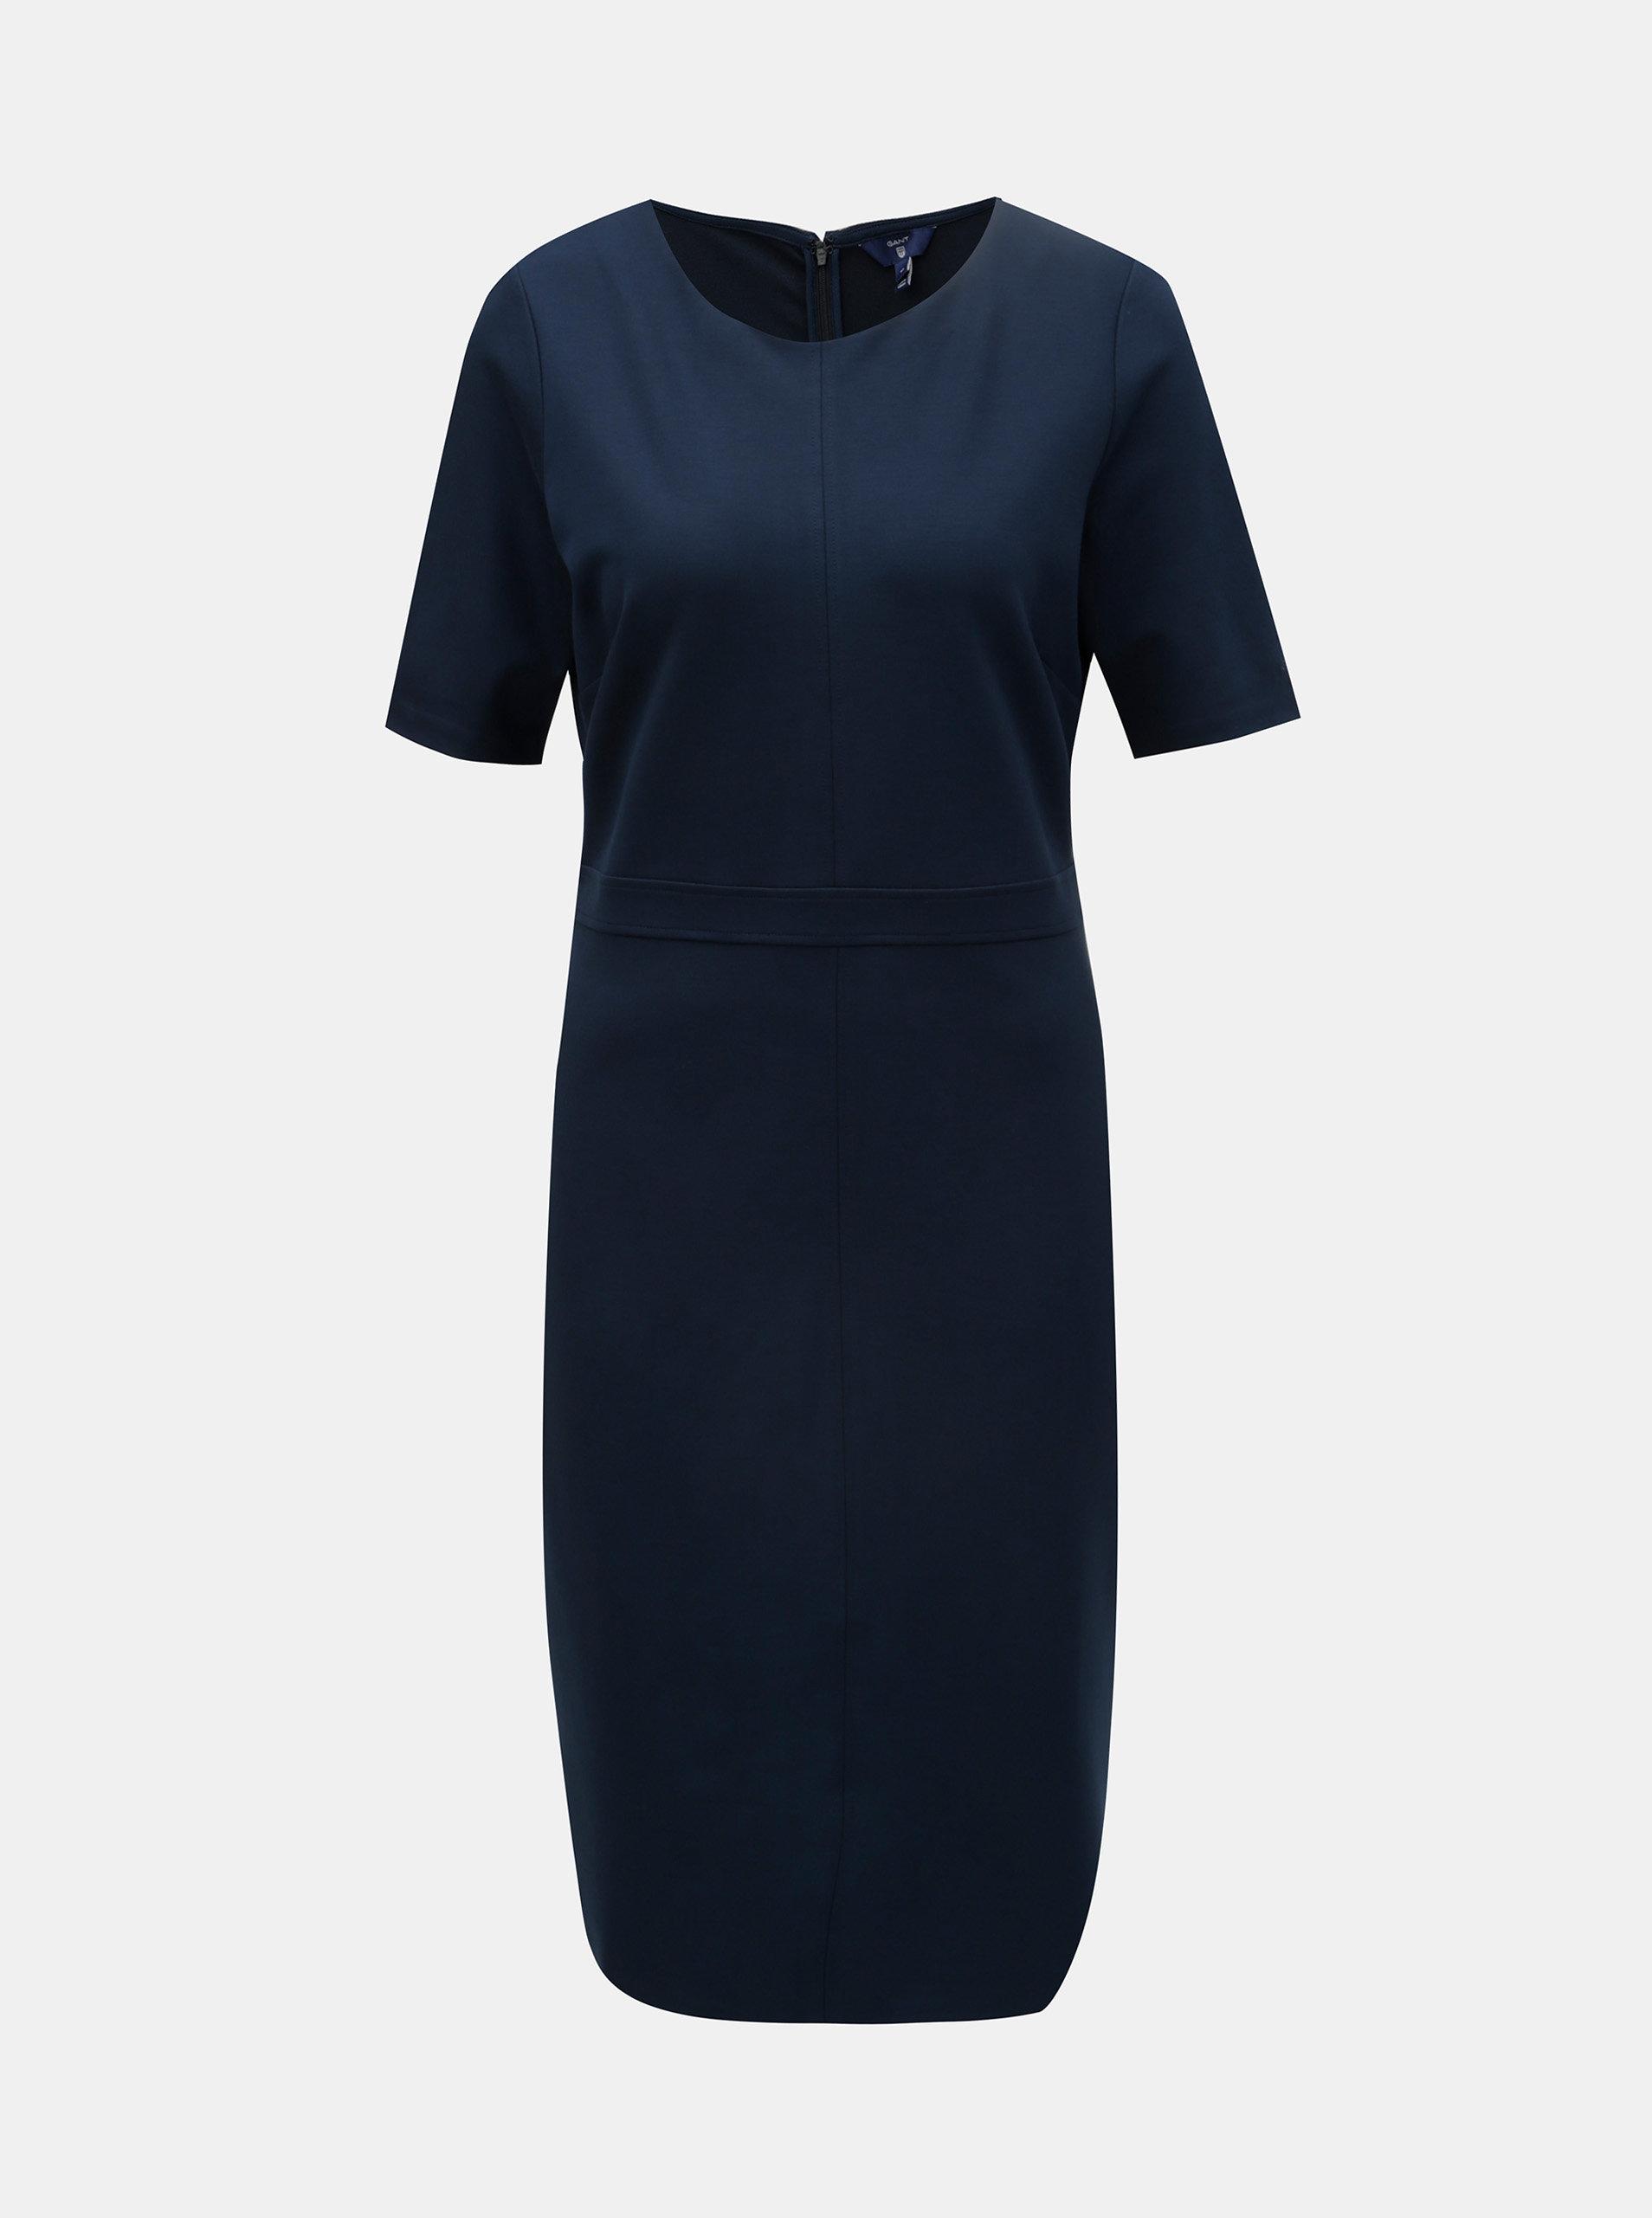 6a229e460d03 Tmavě modré pouzdrové šaty s krátkým rukávem GANT ...